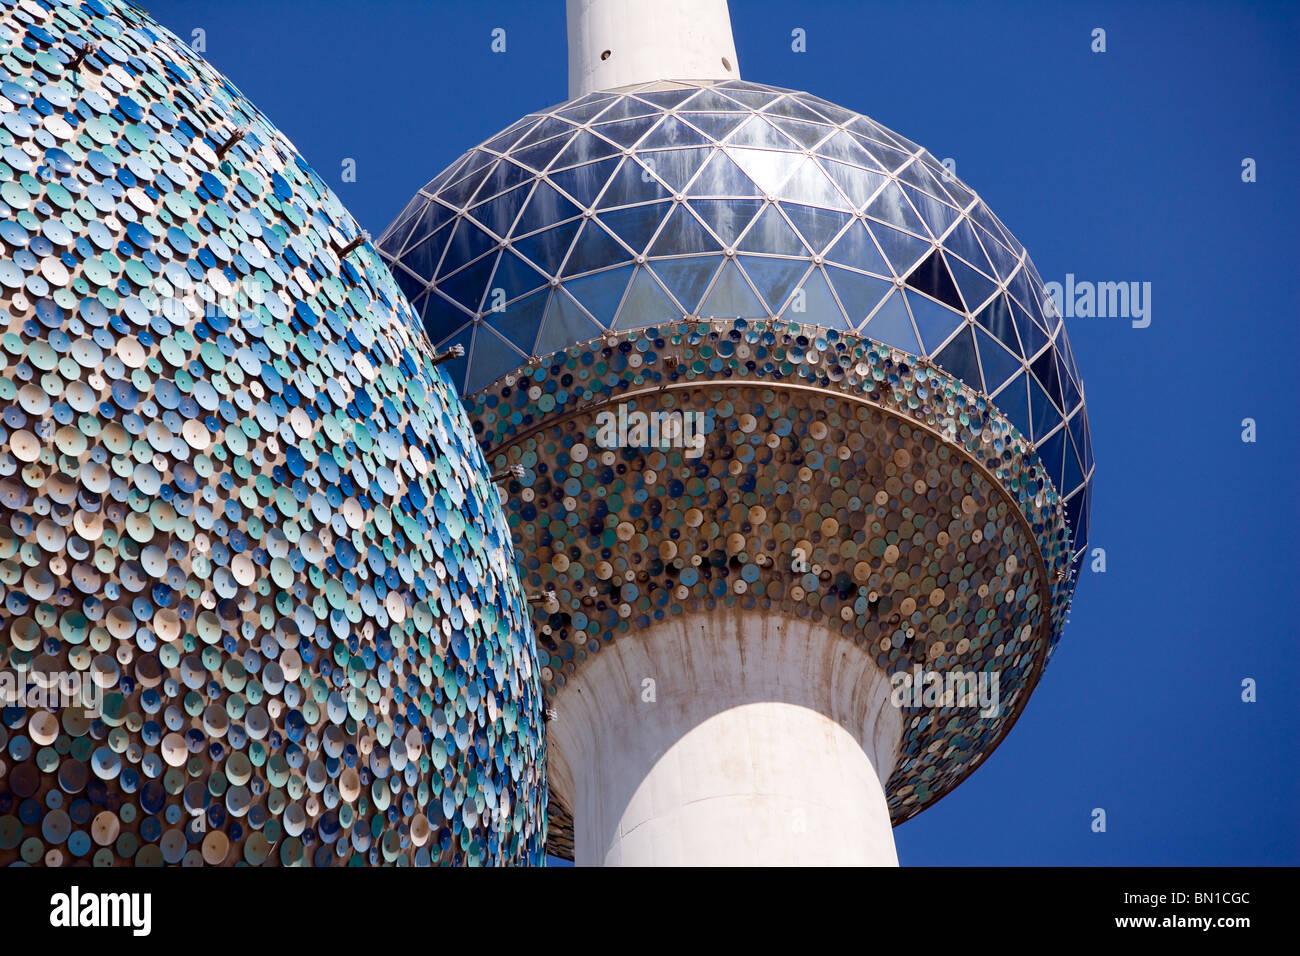 Kuwait Towers, établissement emblématique, l'État du Koweït, au Moyen-Orient Photo Stock